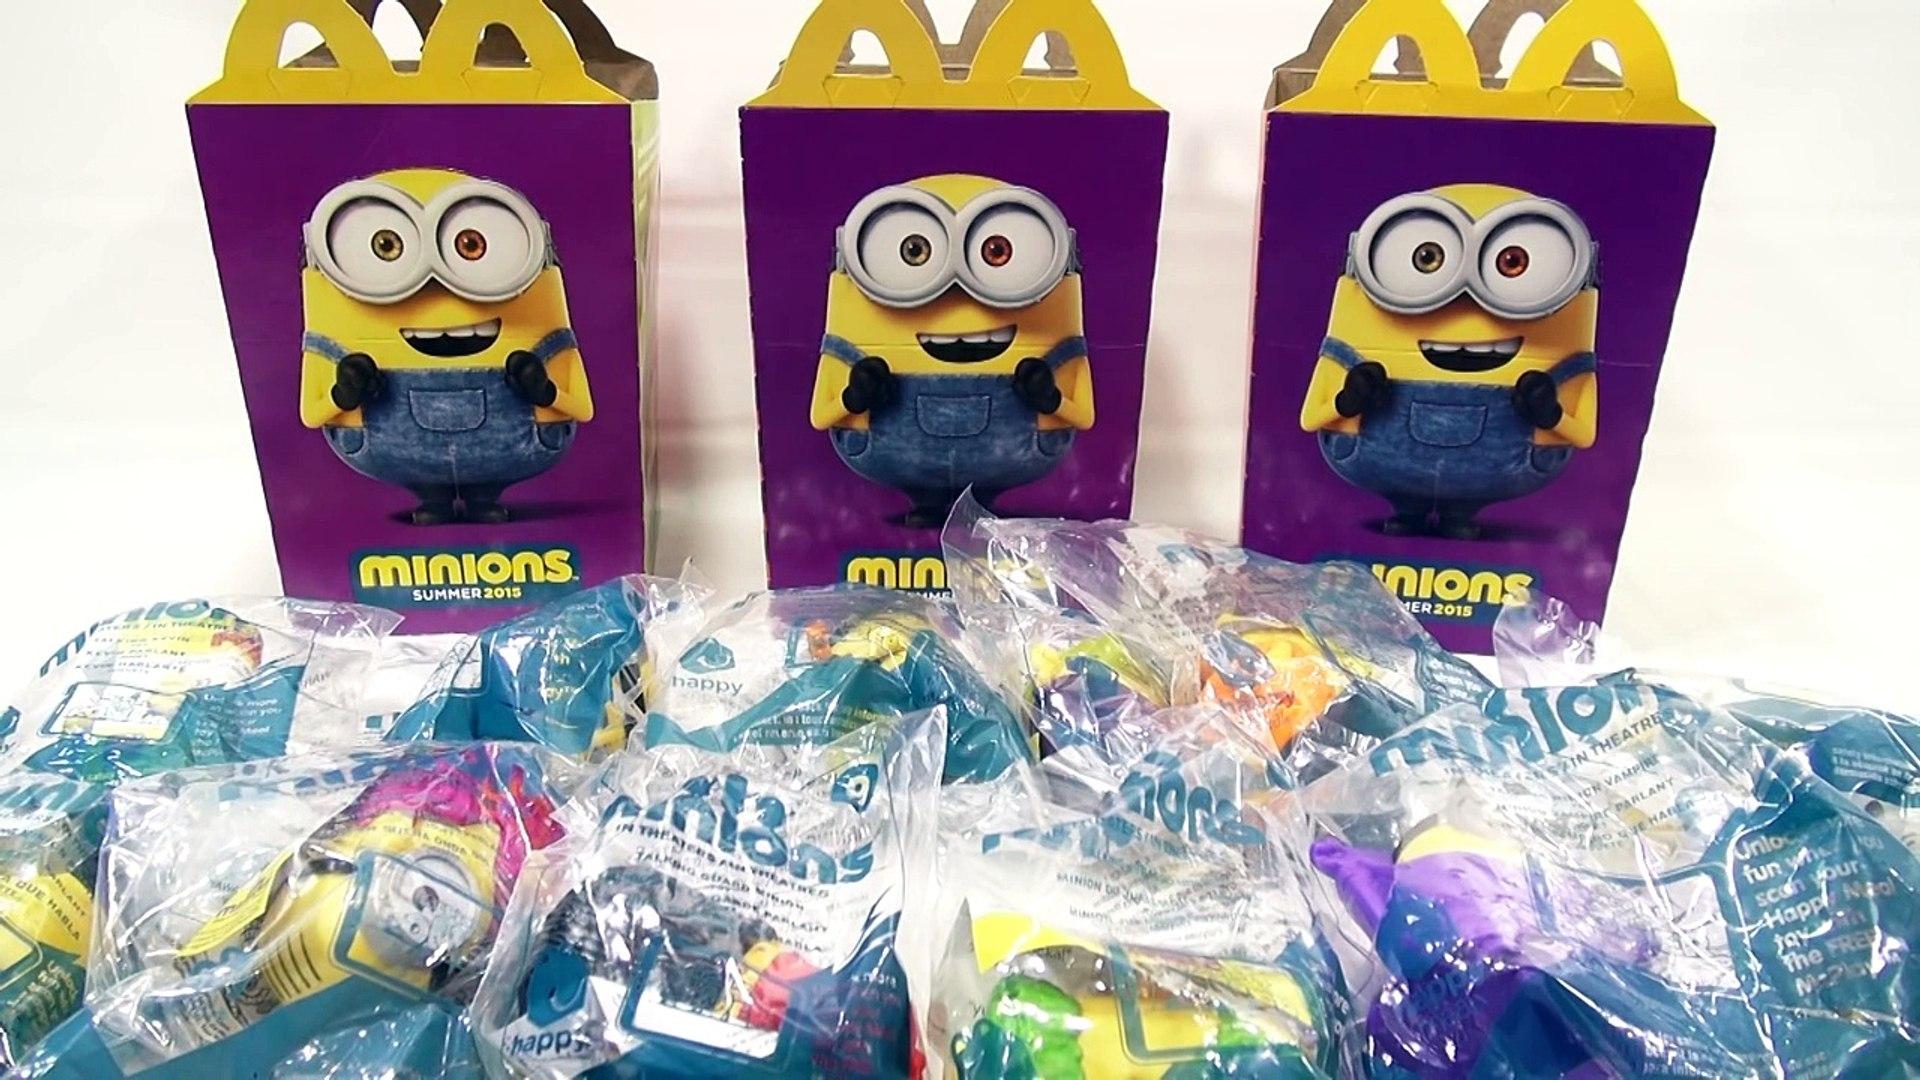 McDonalds 2015 Minions #7 Minion Pirate